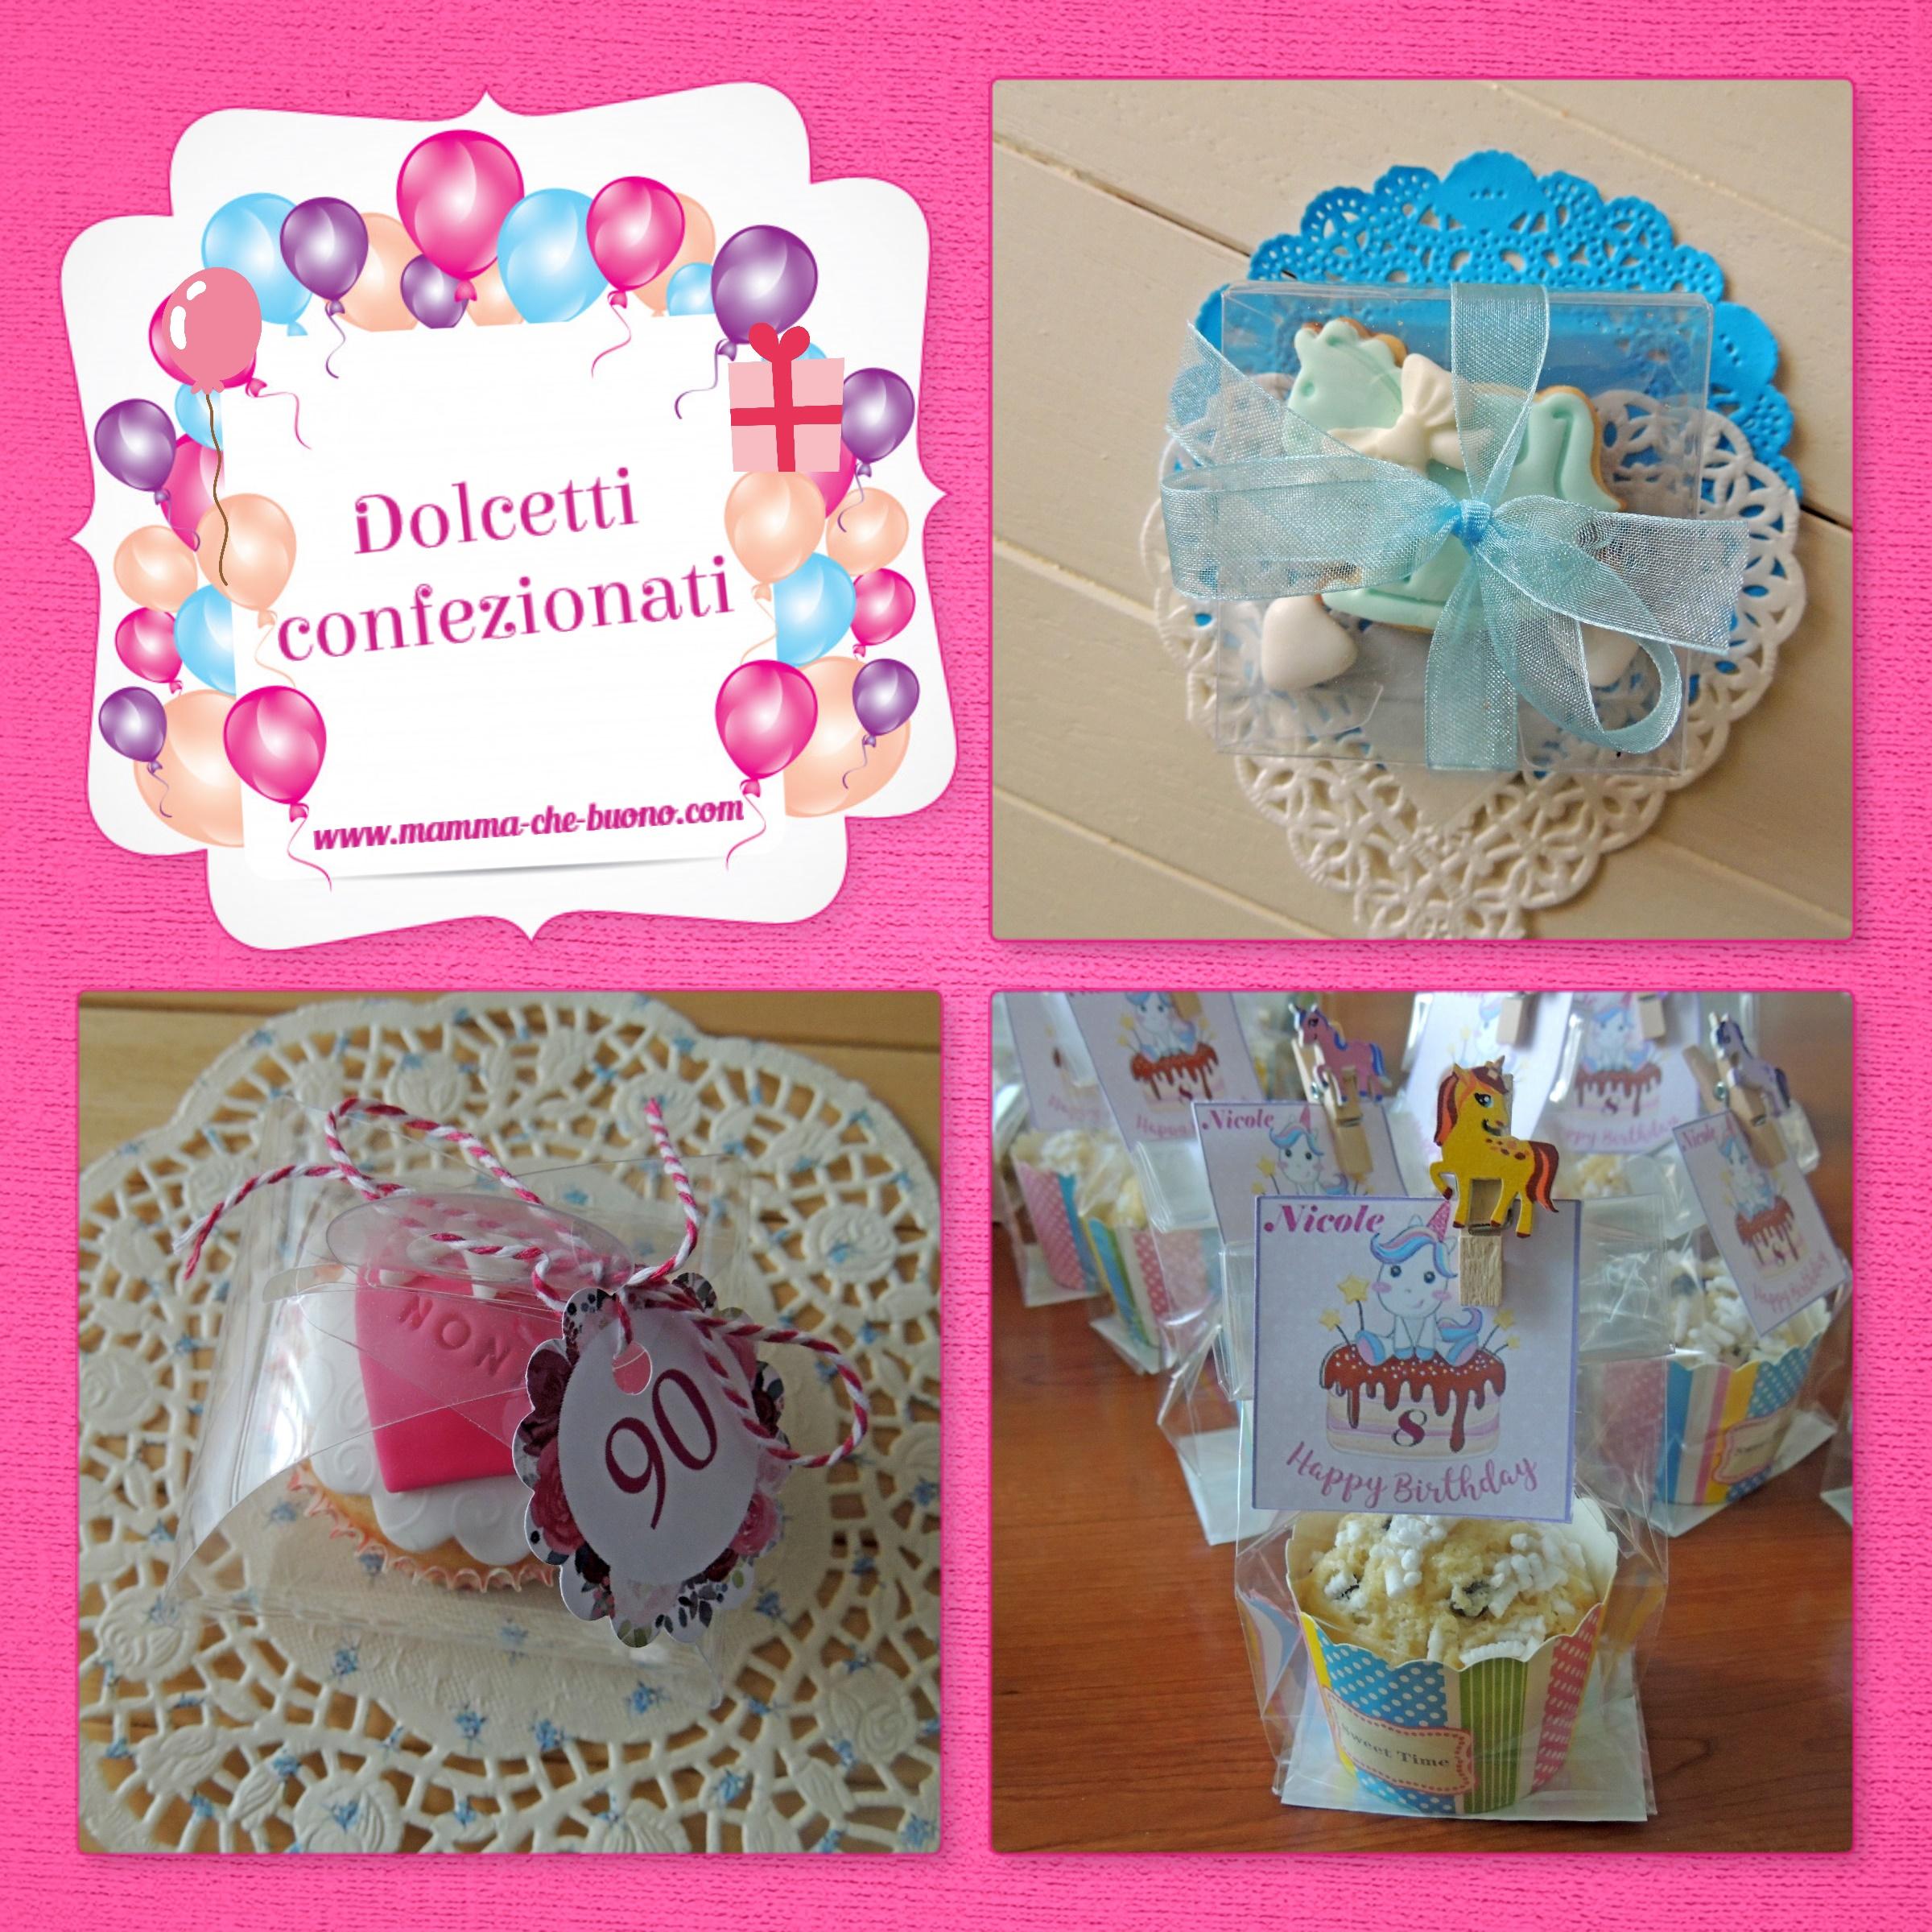 dolcetti confezionati 3